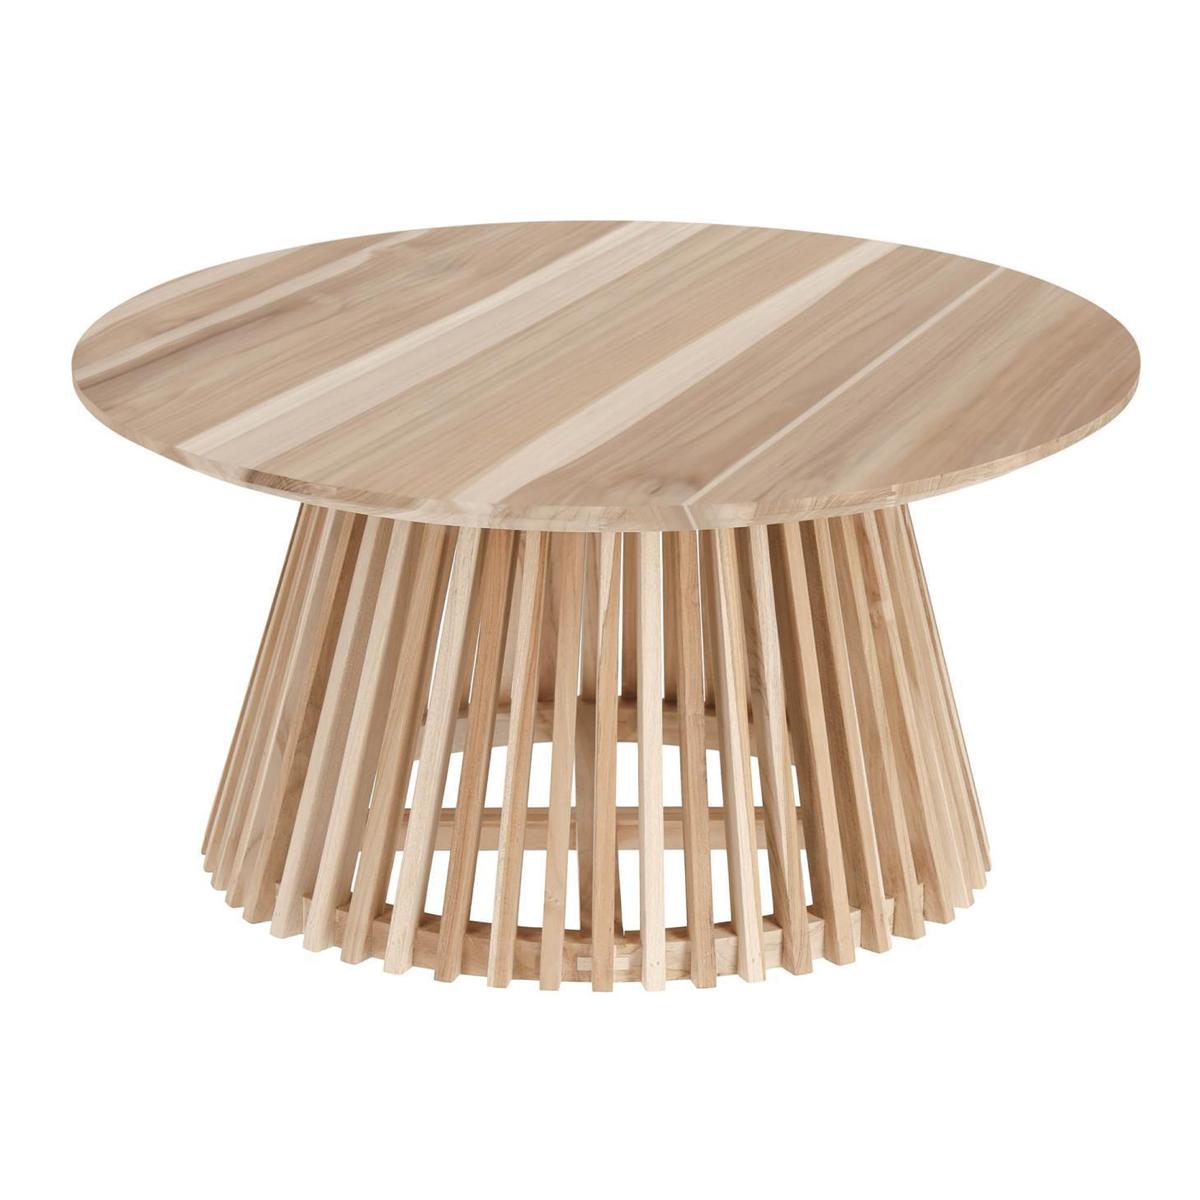 Table basse ronde en teck - Bois - D 80 x 40 cm